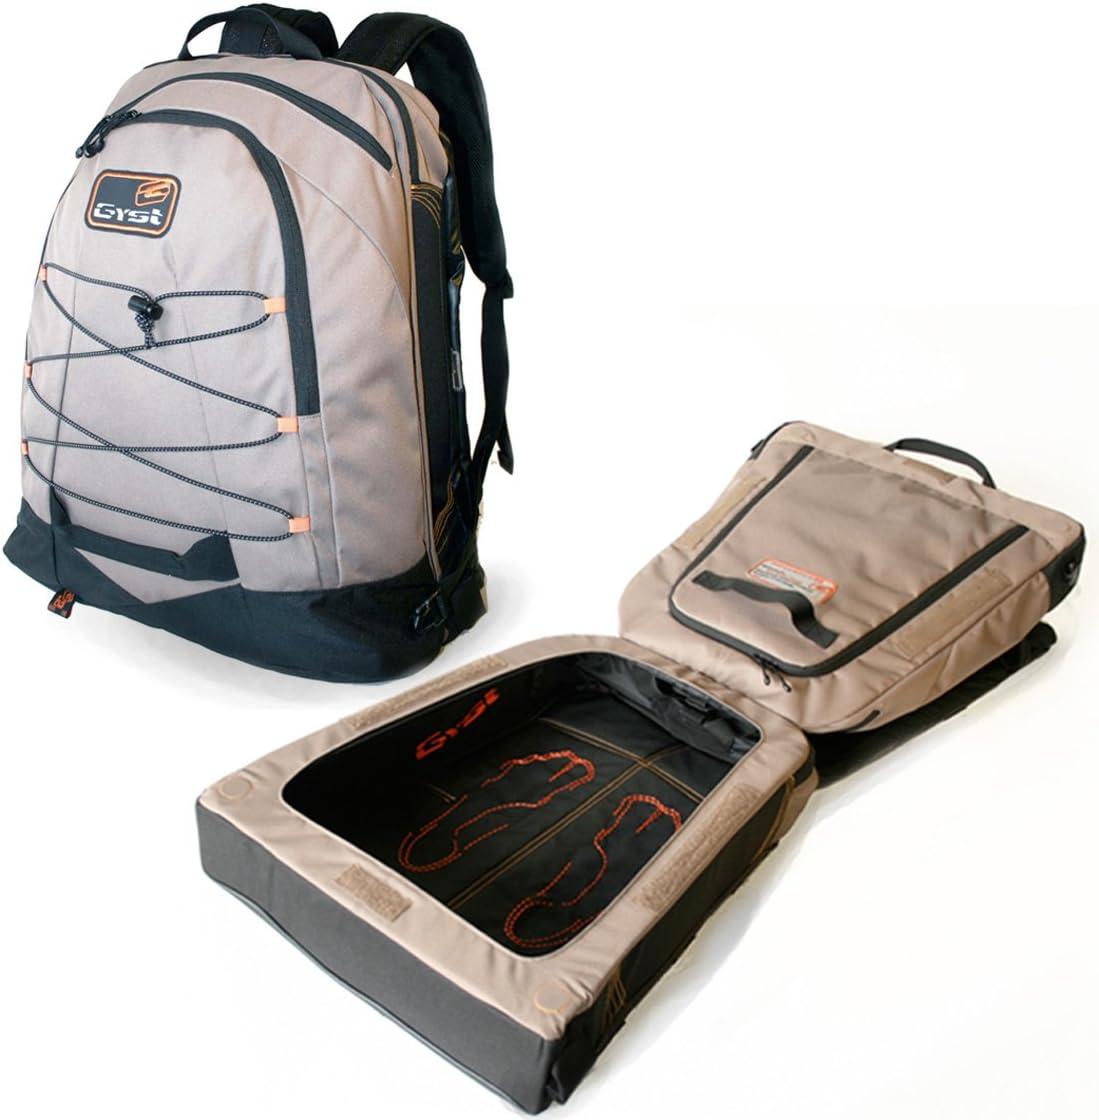 GYST BP2-10 Backpack, Brown Black